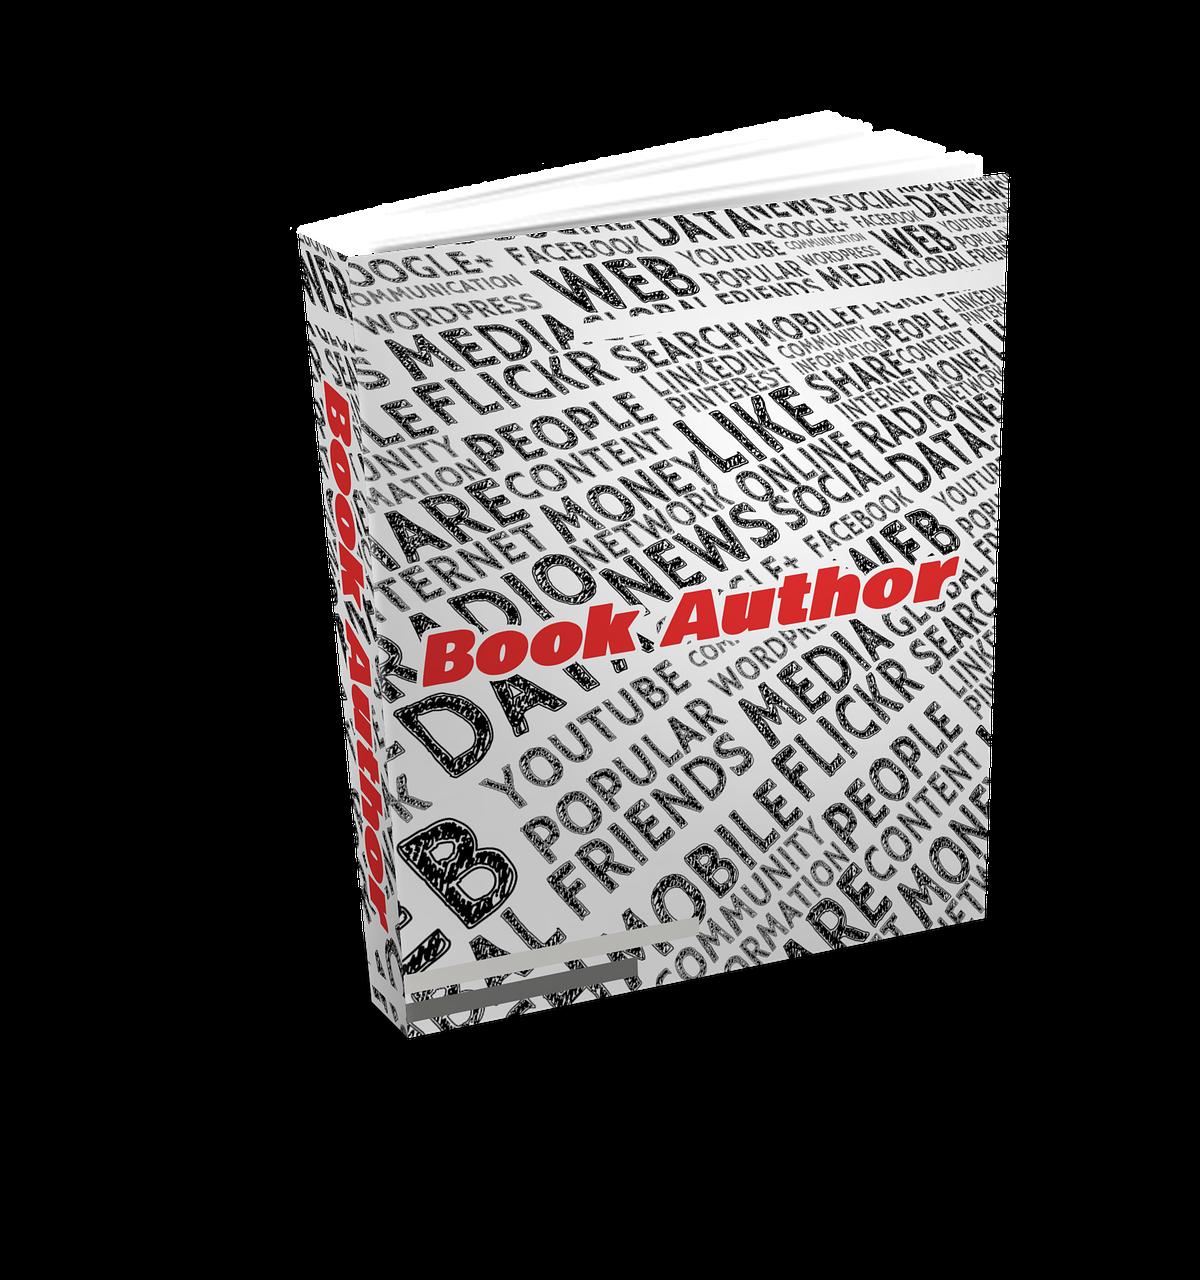 Kniha jako marketingový nástroj